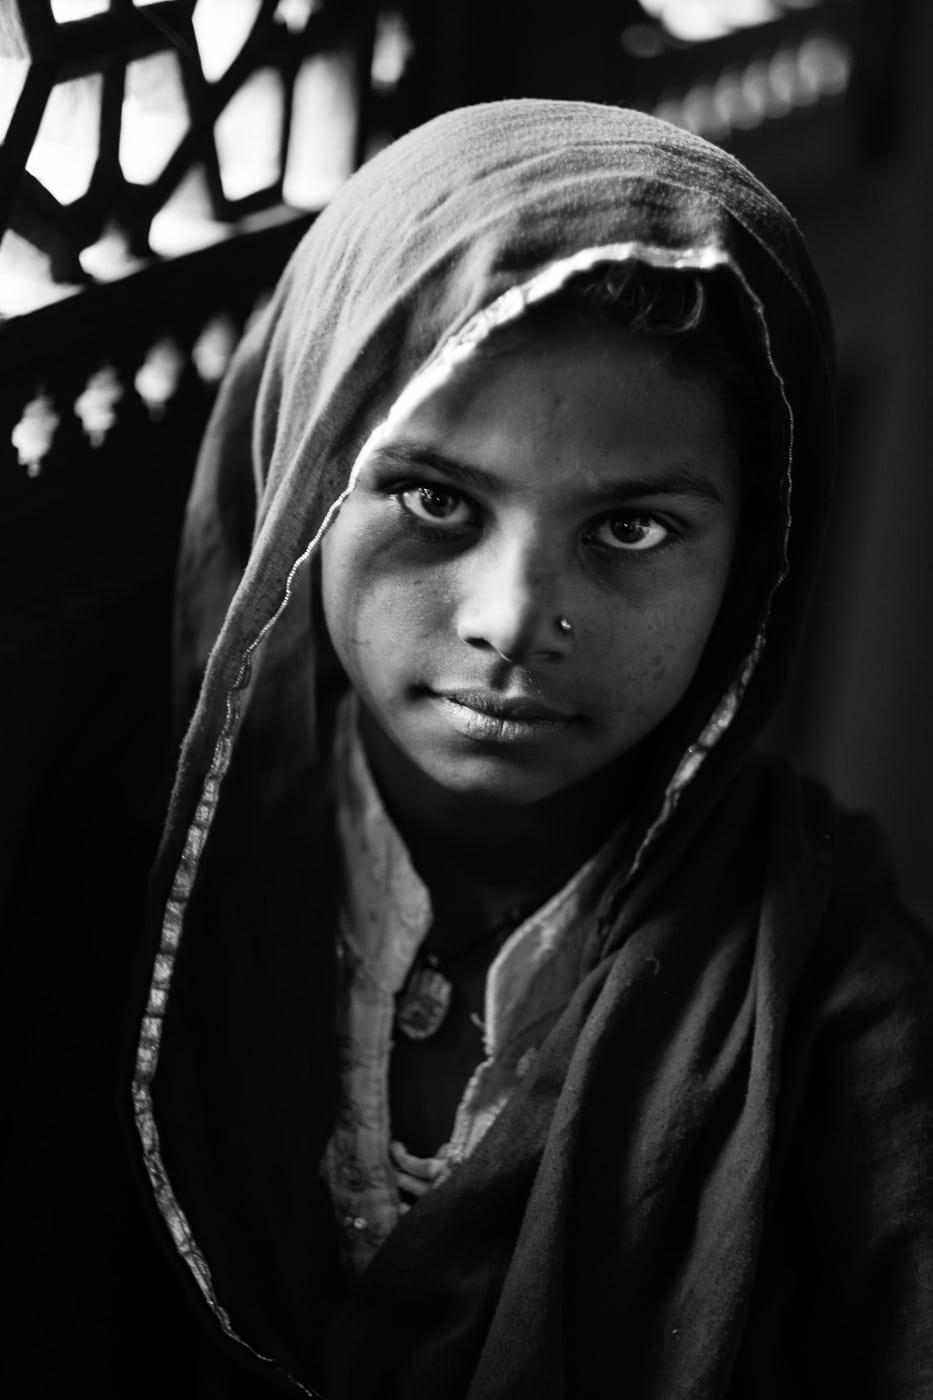 Another girl at Nizamudeen